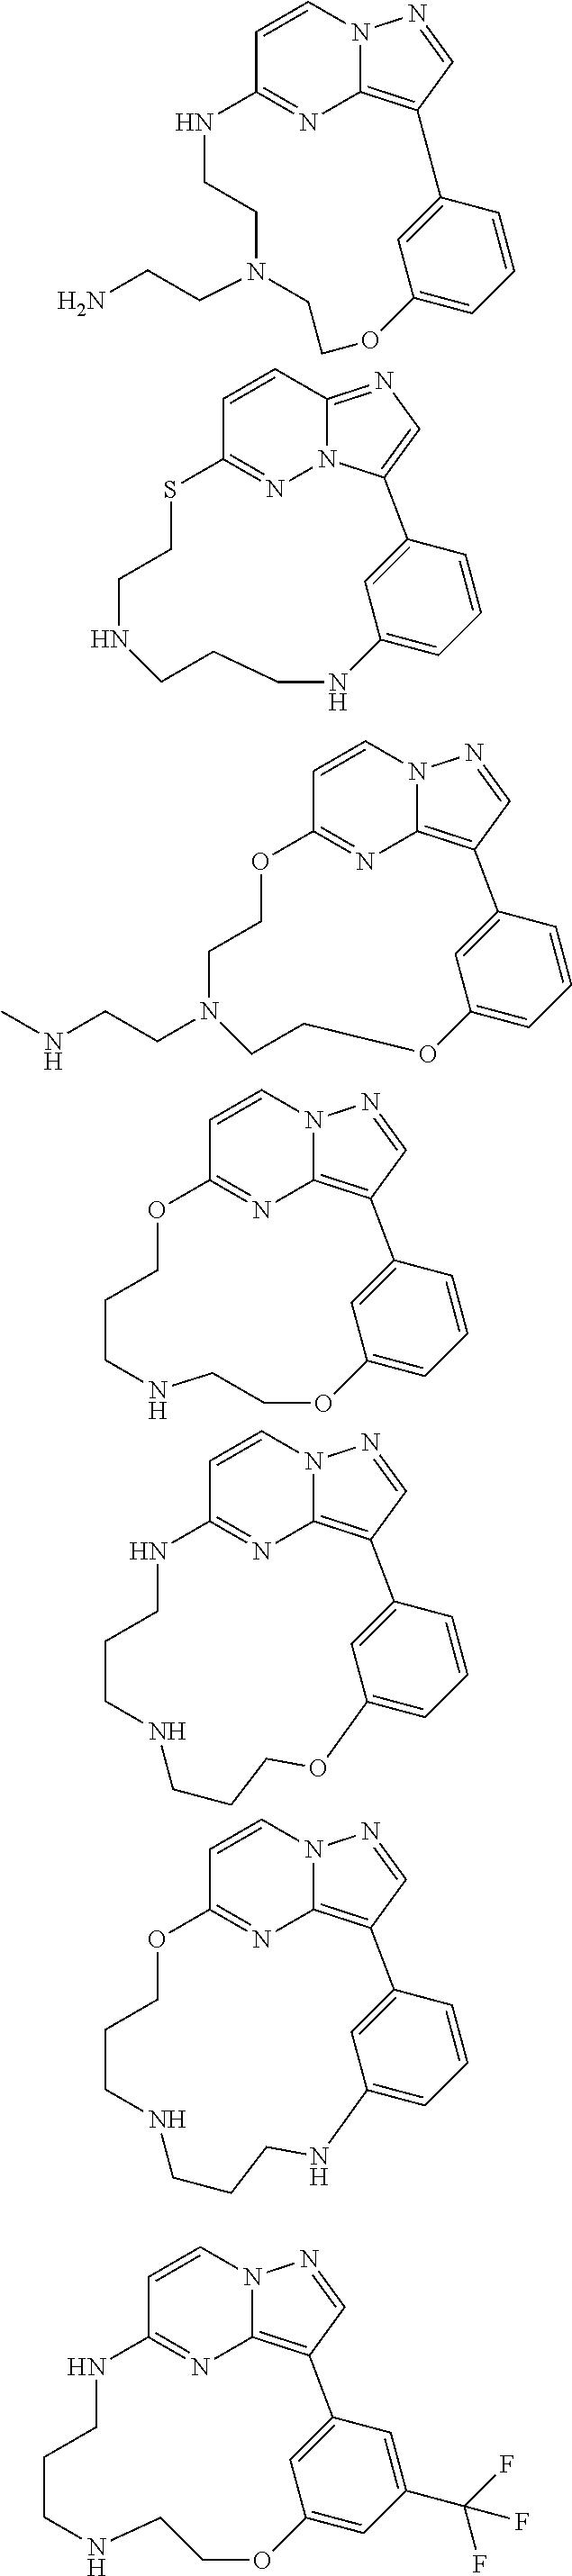 Figure US09586975-20170307-C00003